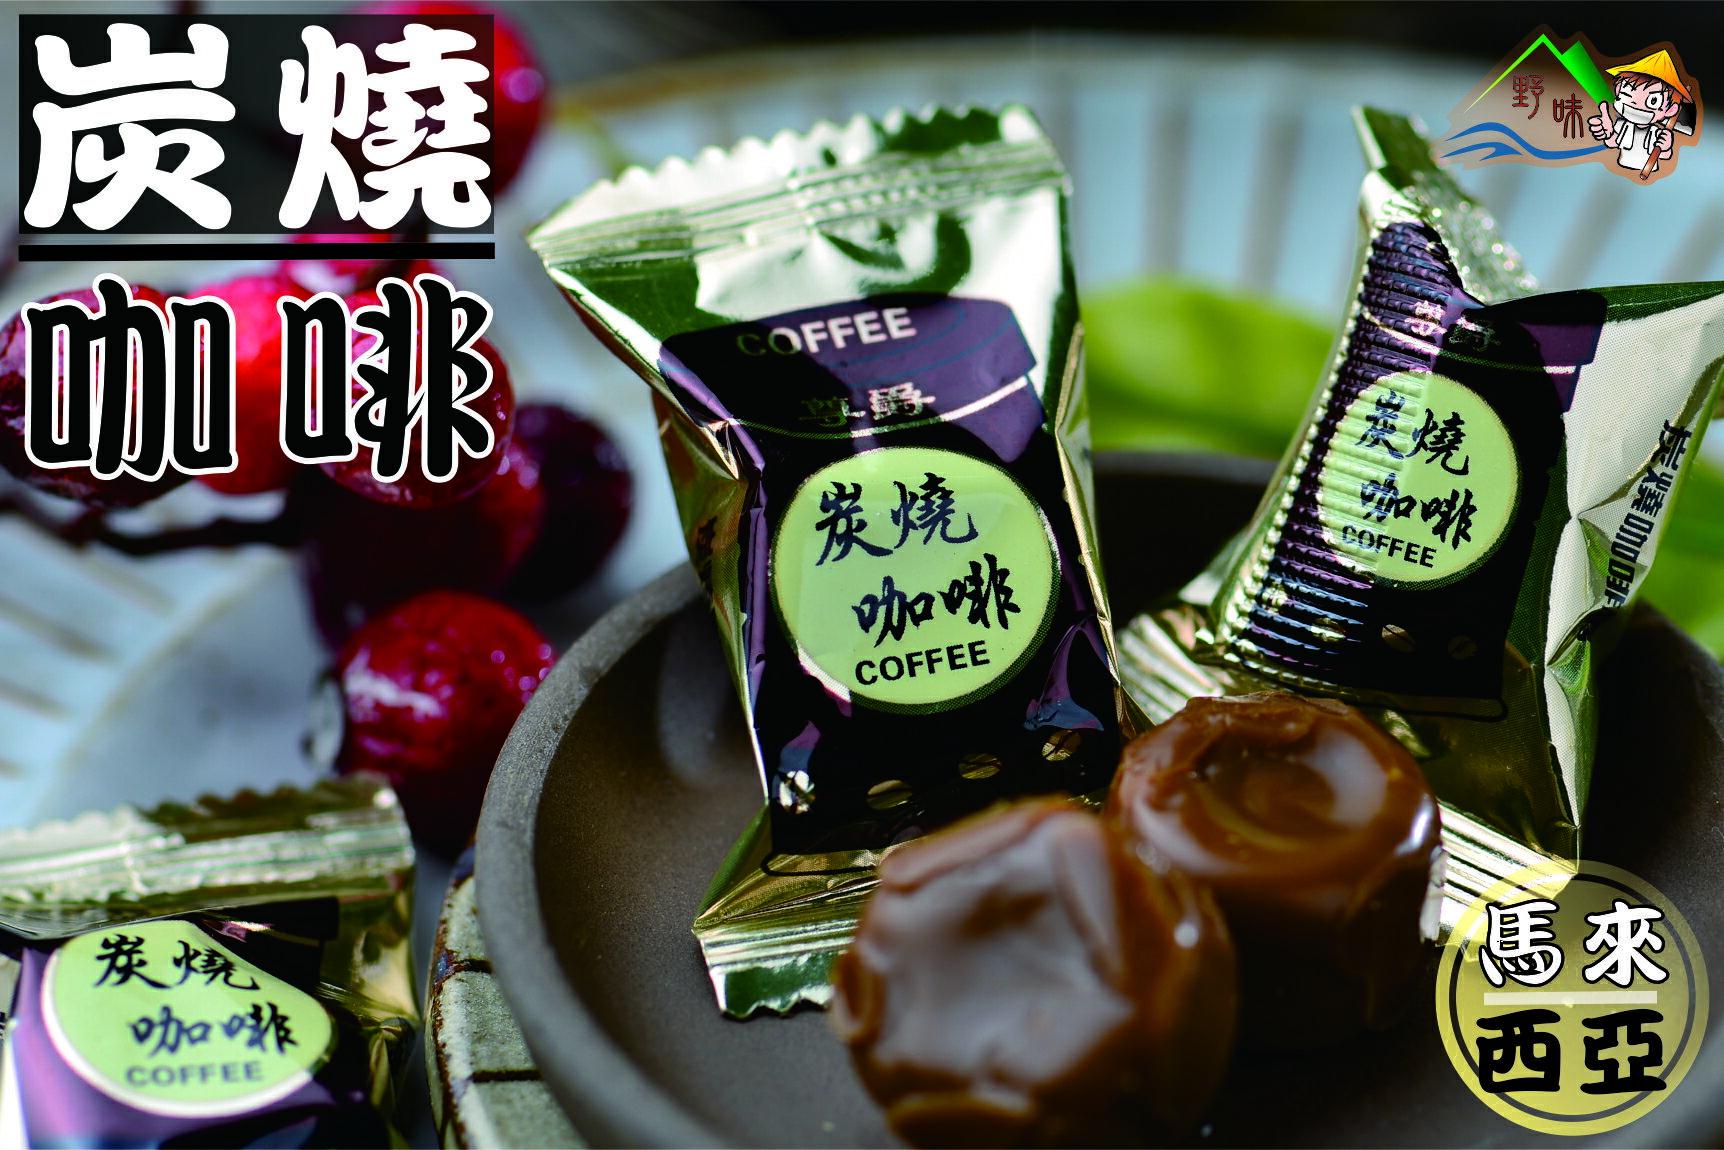 【野味食品】尊爵 炭燒咖啡糖(馬來西亞進口)(150g/包,370g/包,3000g/包)